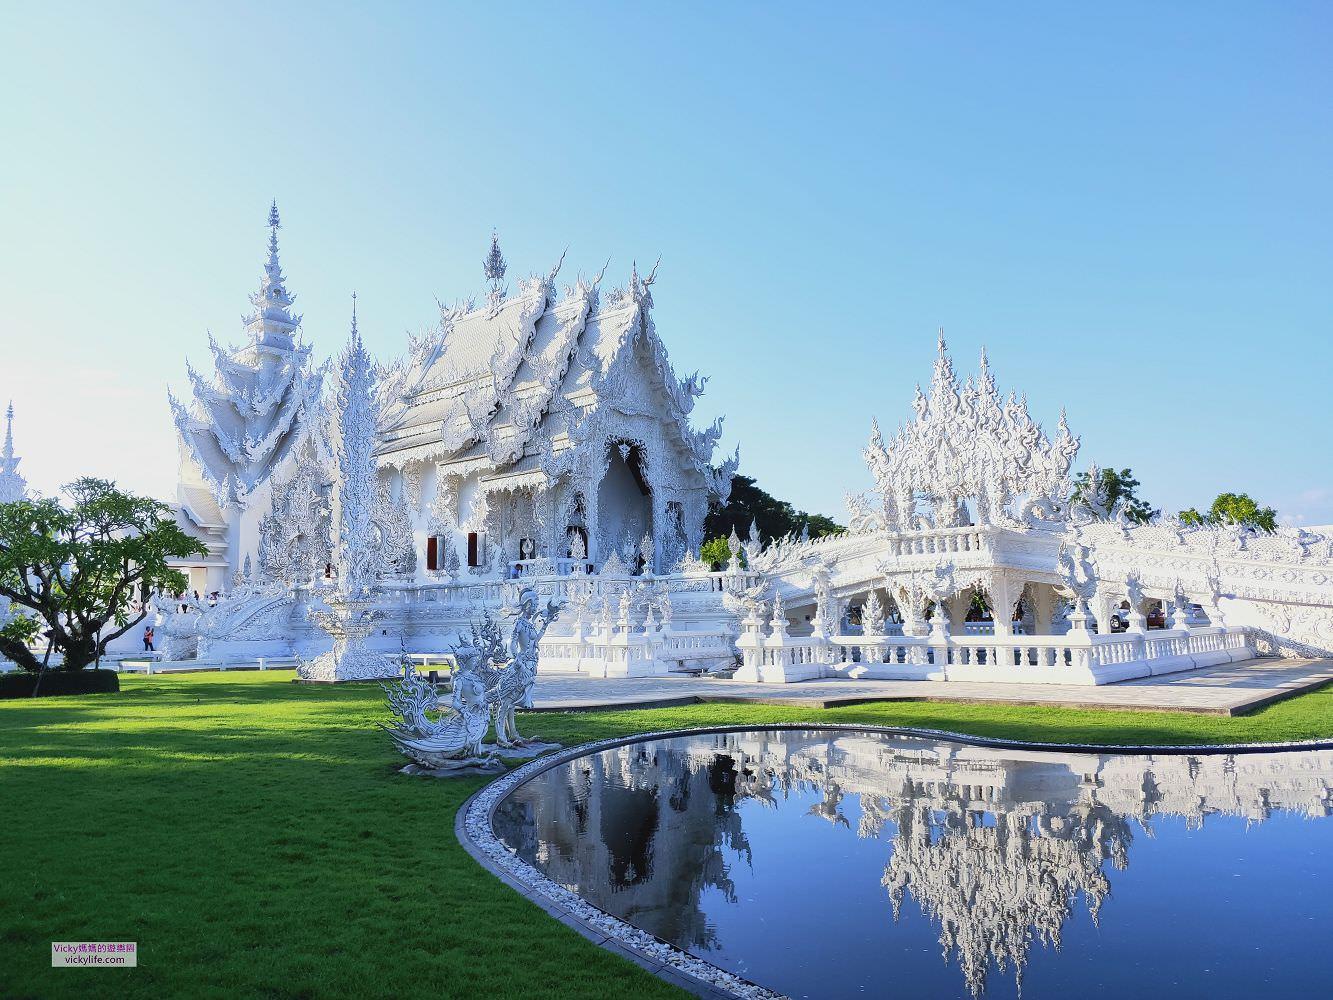 泰國旅遊行程︱泰北清邁、清萊必訪景點:順遊寮國和緬甸,翔翼通訊一路皆暢通